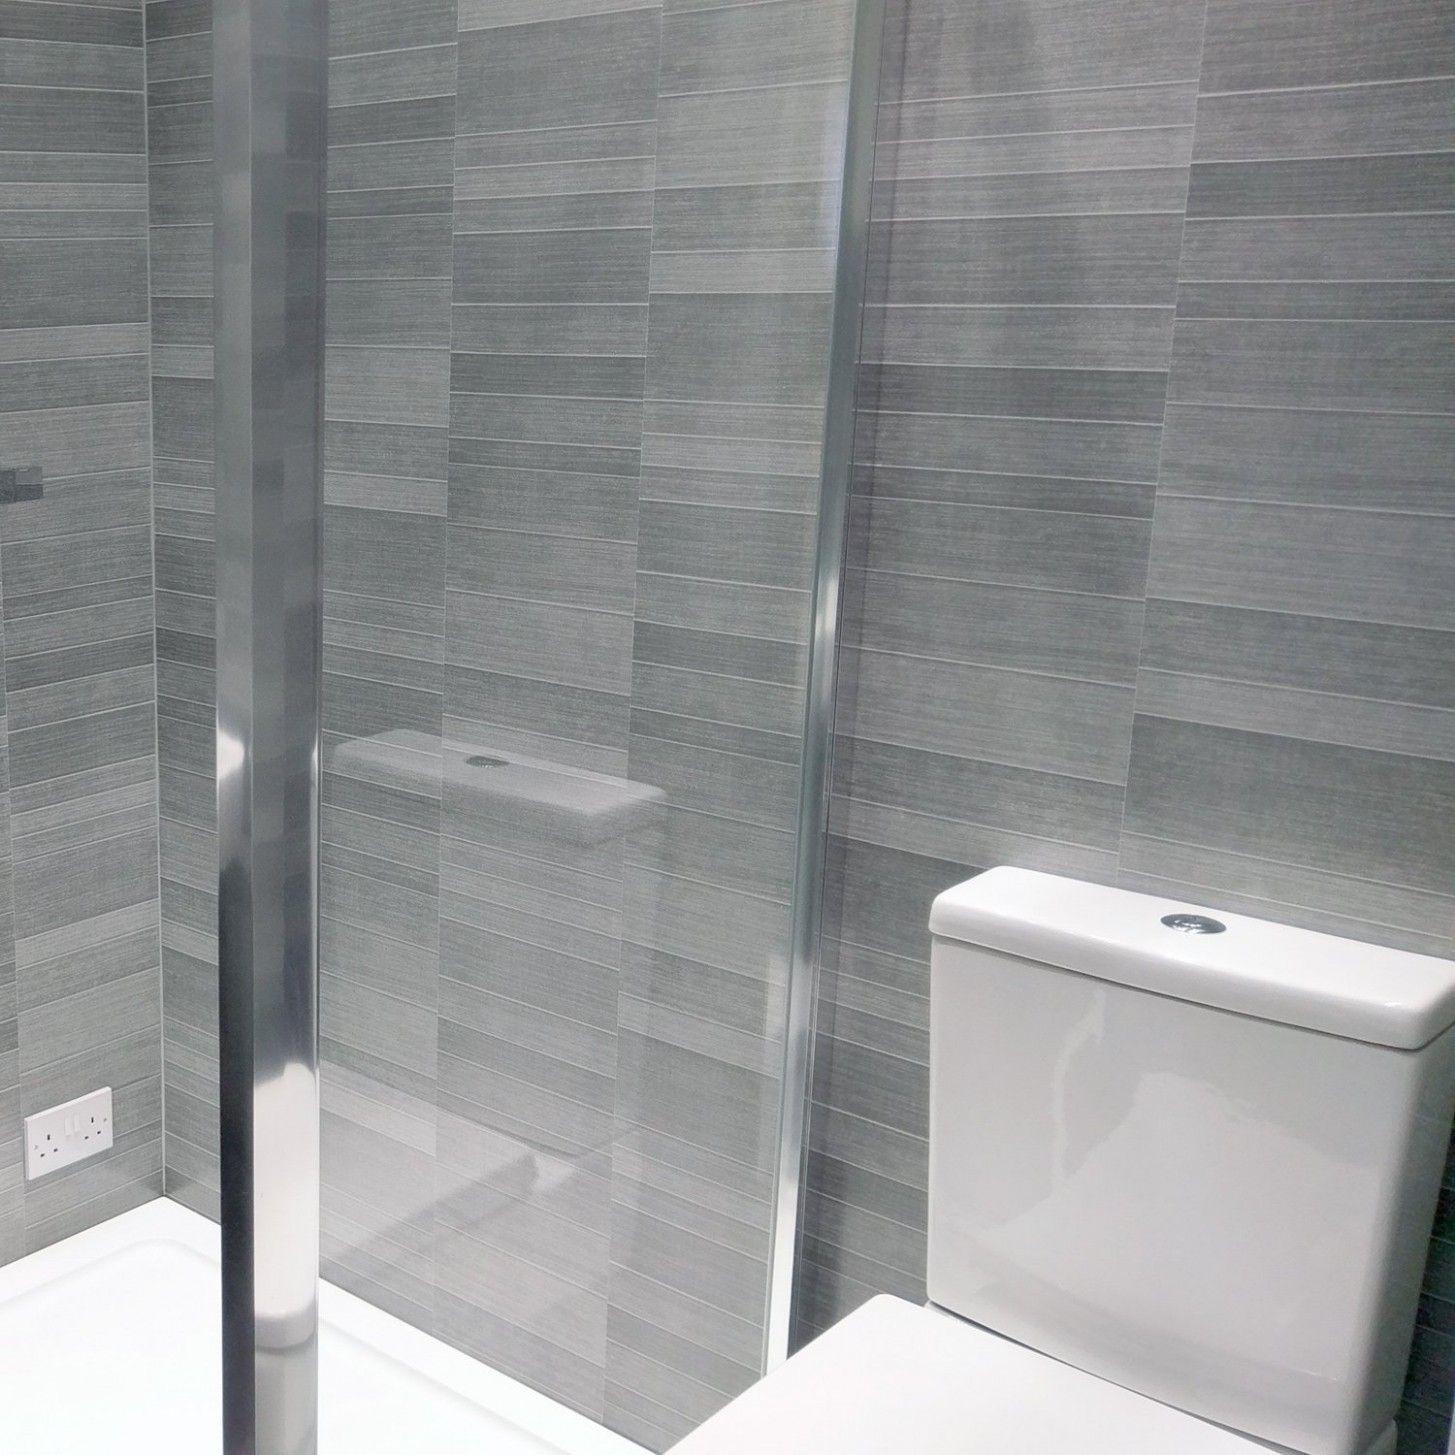 Dbs Bathroom Wall Panels In 2020 Bathroom Wall Panels Bathroom Wall Tile Bathroom Tile Designs